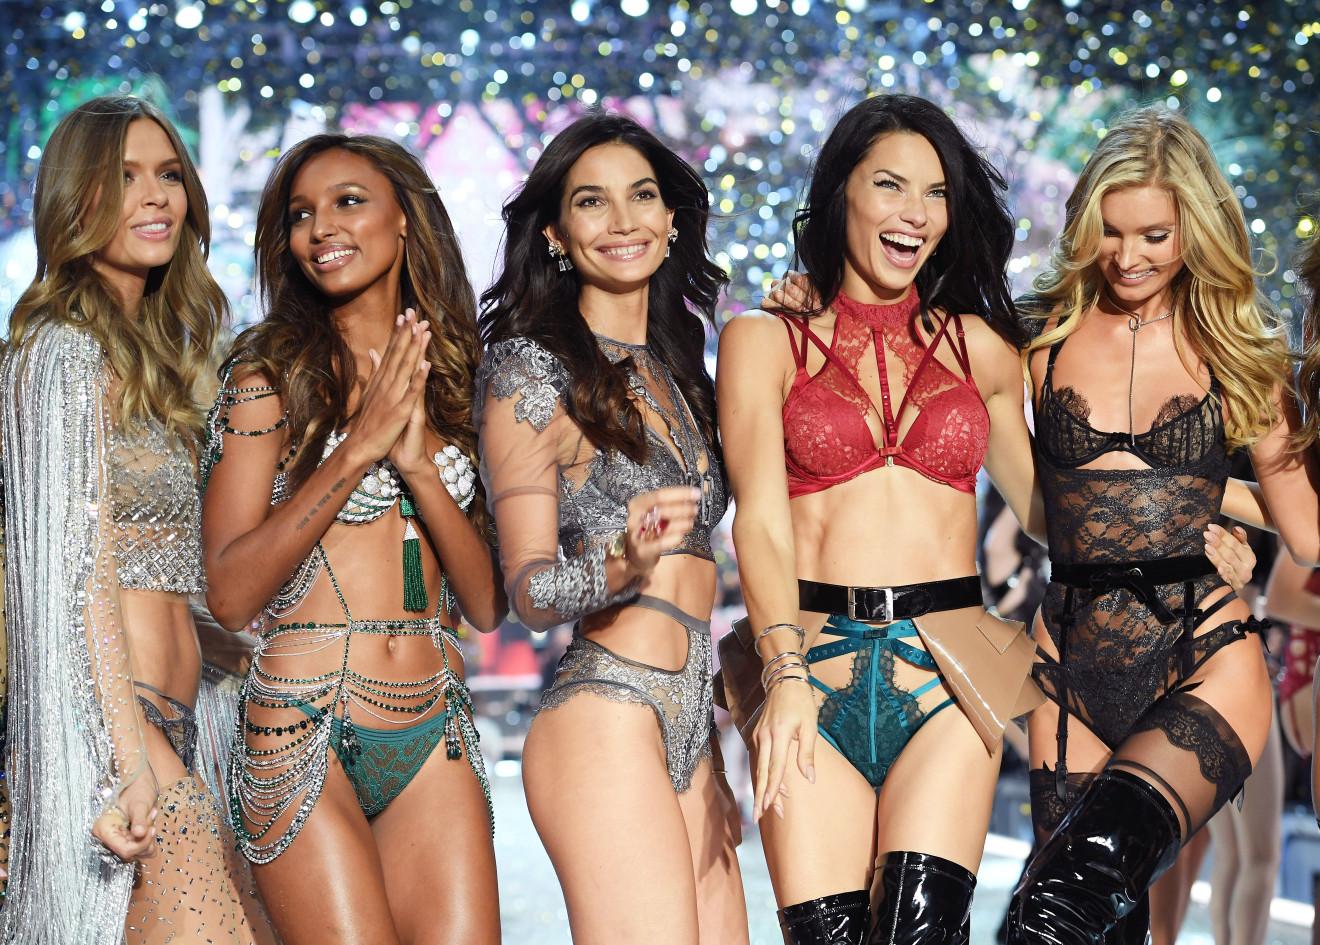 Джеффри Эпштейн угрожает Victoria's Secret